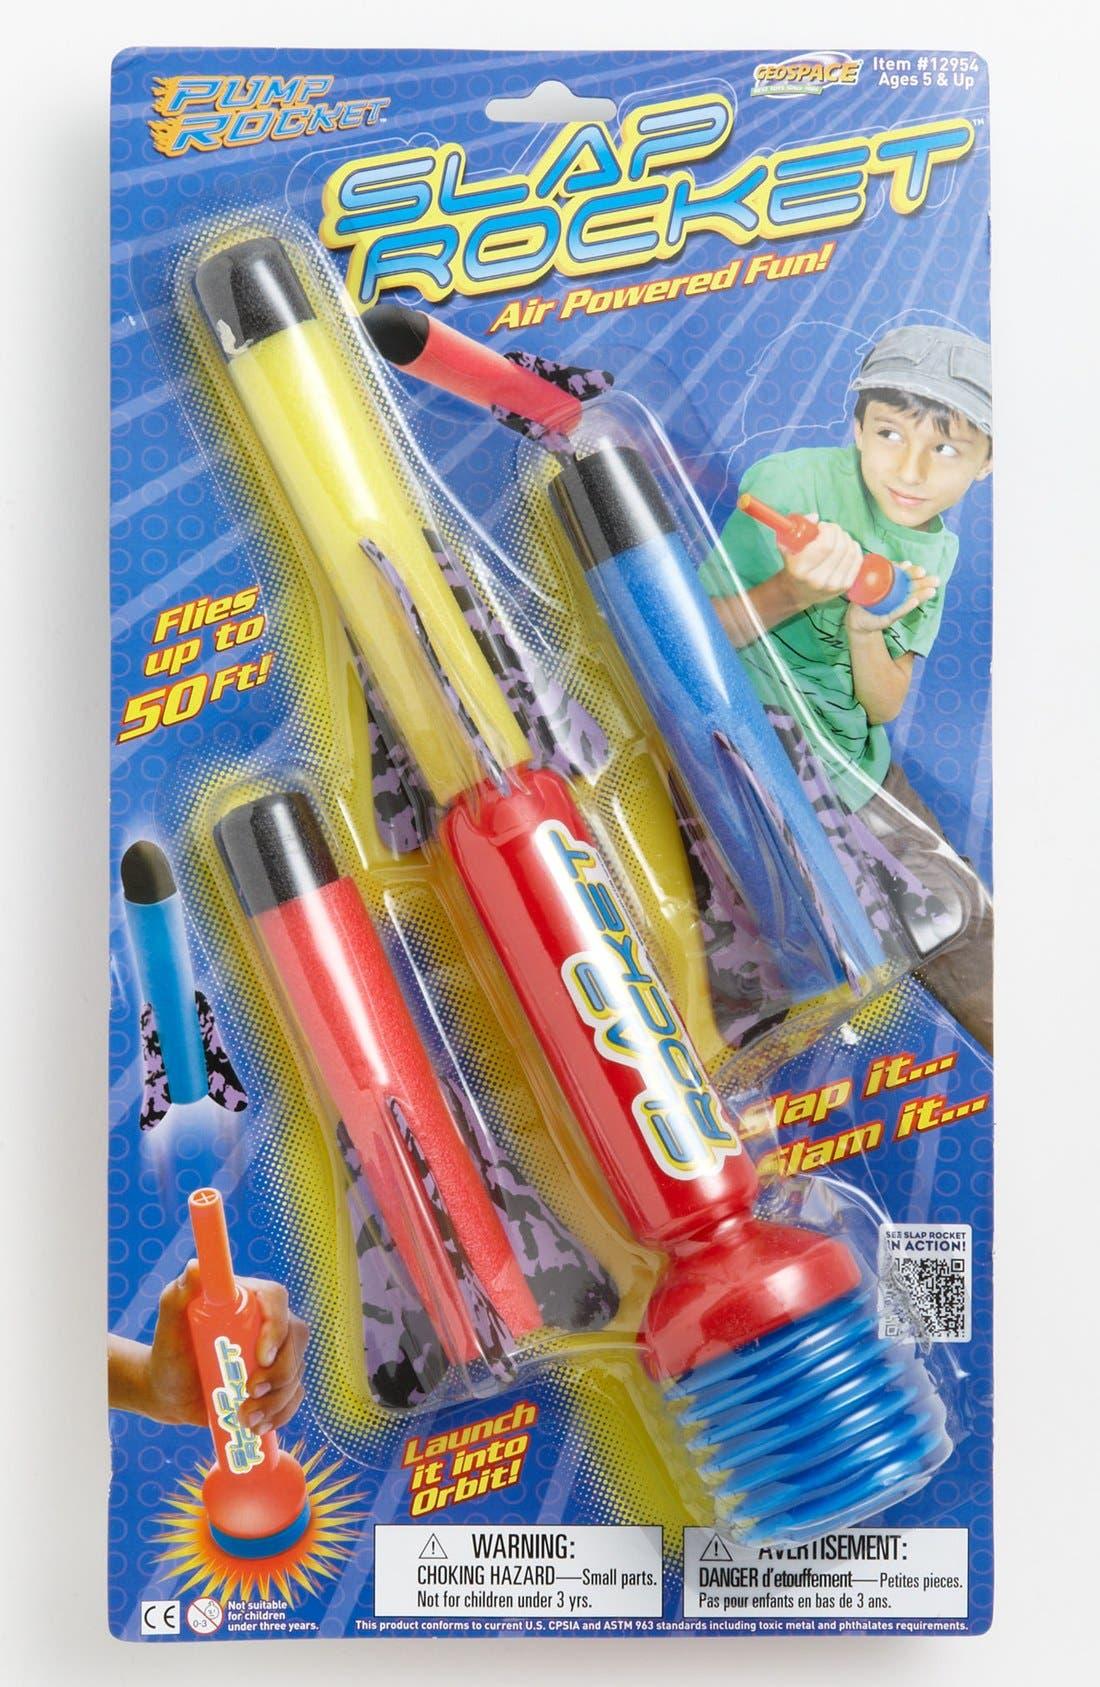 Main Image - Geospace International Toys Slap Rocket